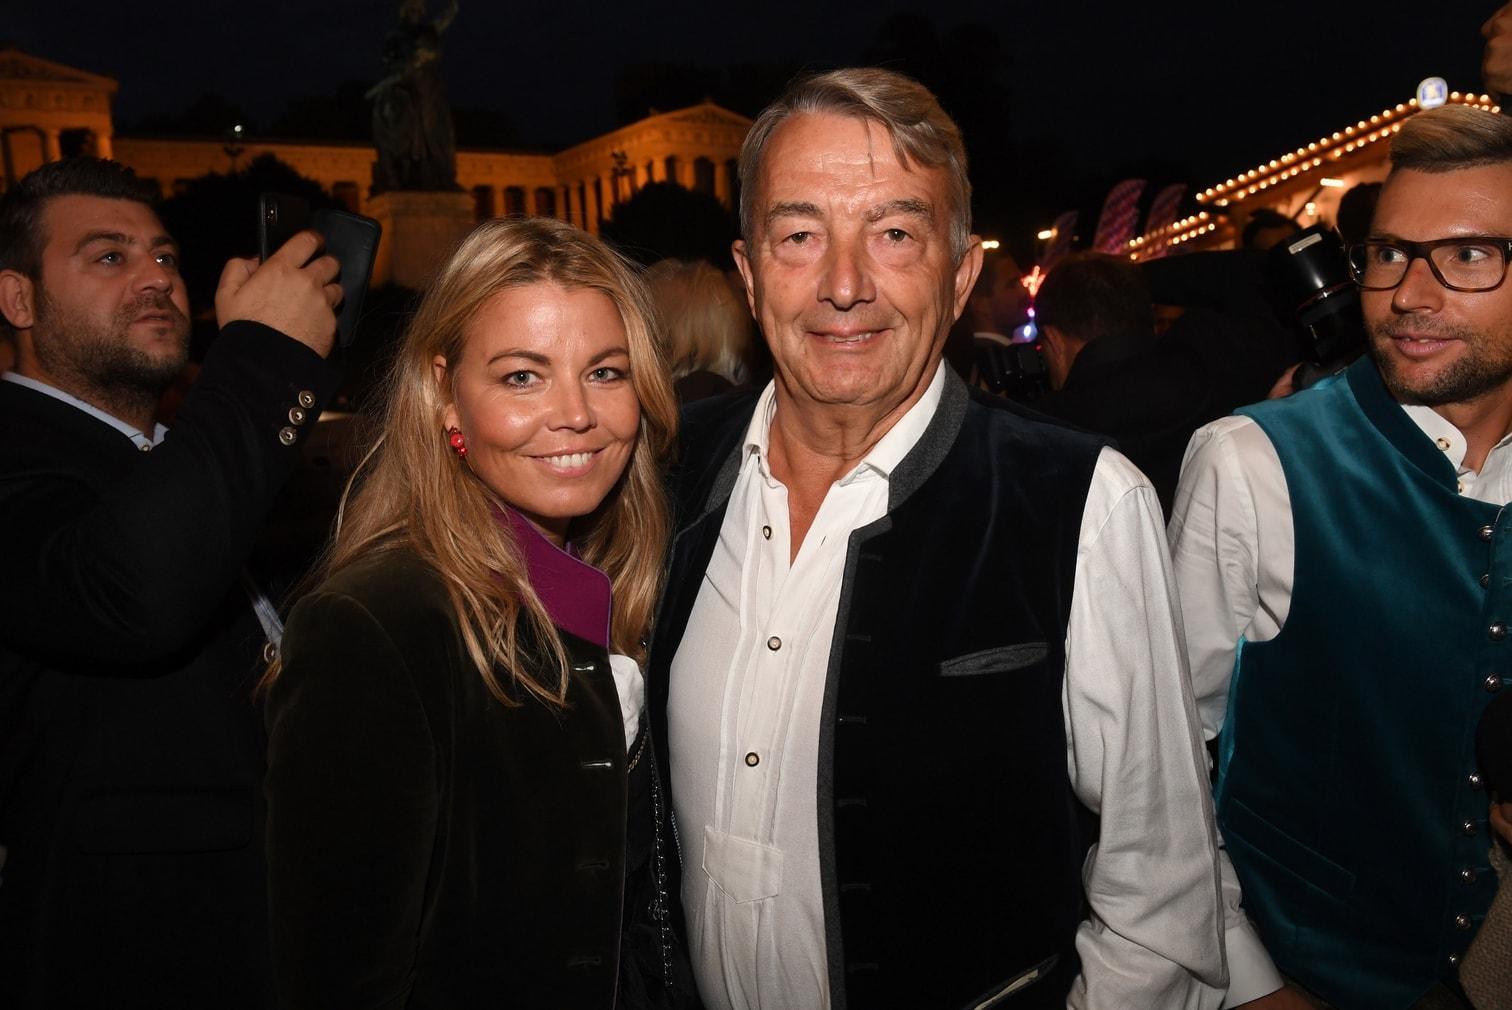 <p>Hier feiert Sänger Florian Silbereisen im Schottenhamel-Festzelt.</p> Foto: dpa